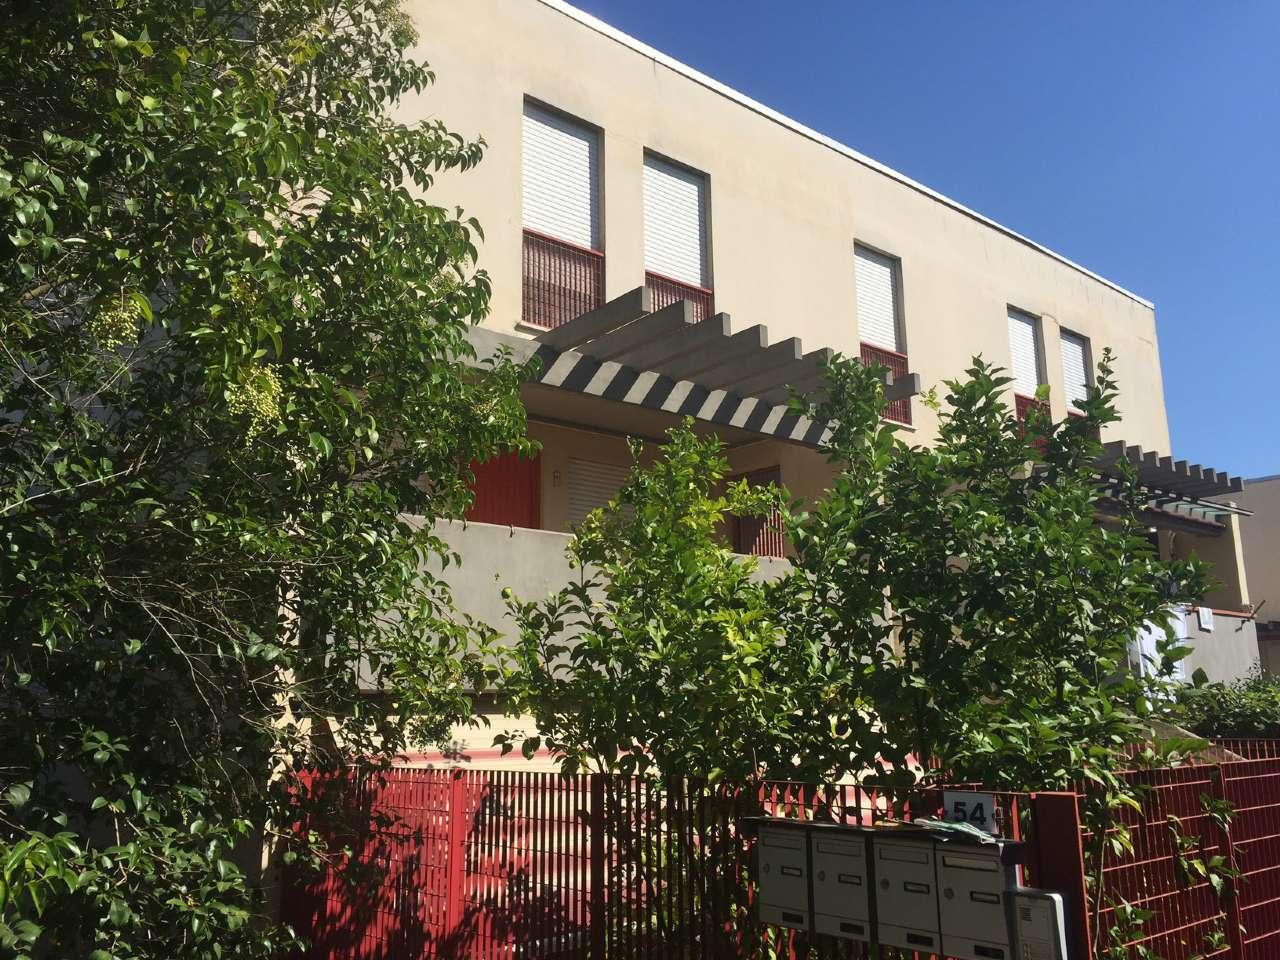 Appartamento in vendita a Fiano Romano, 3 locali, prezzo € 119.000 | Cambio Casa.it